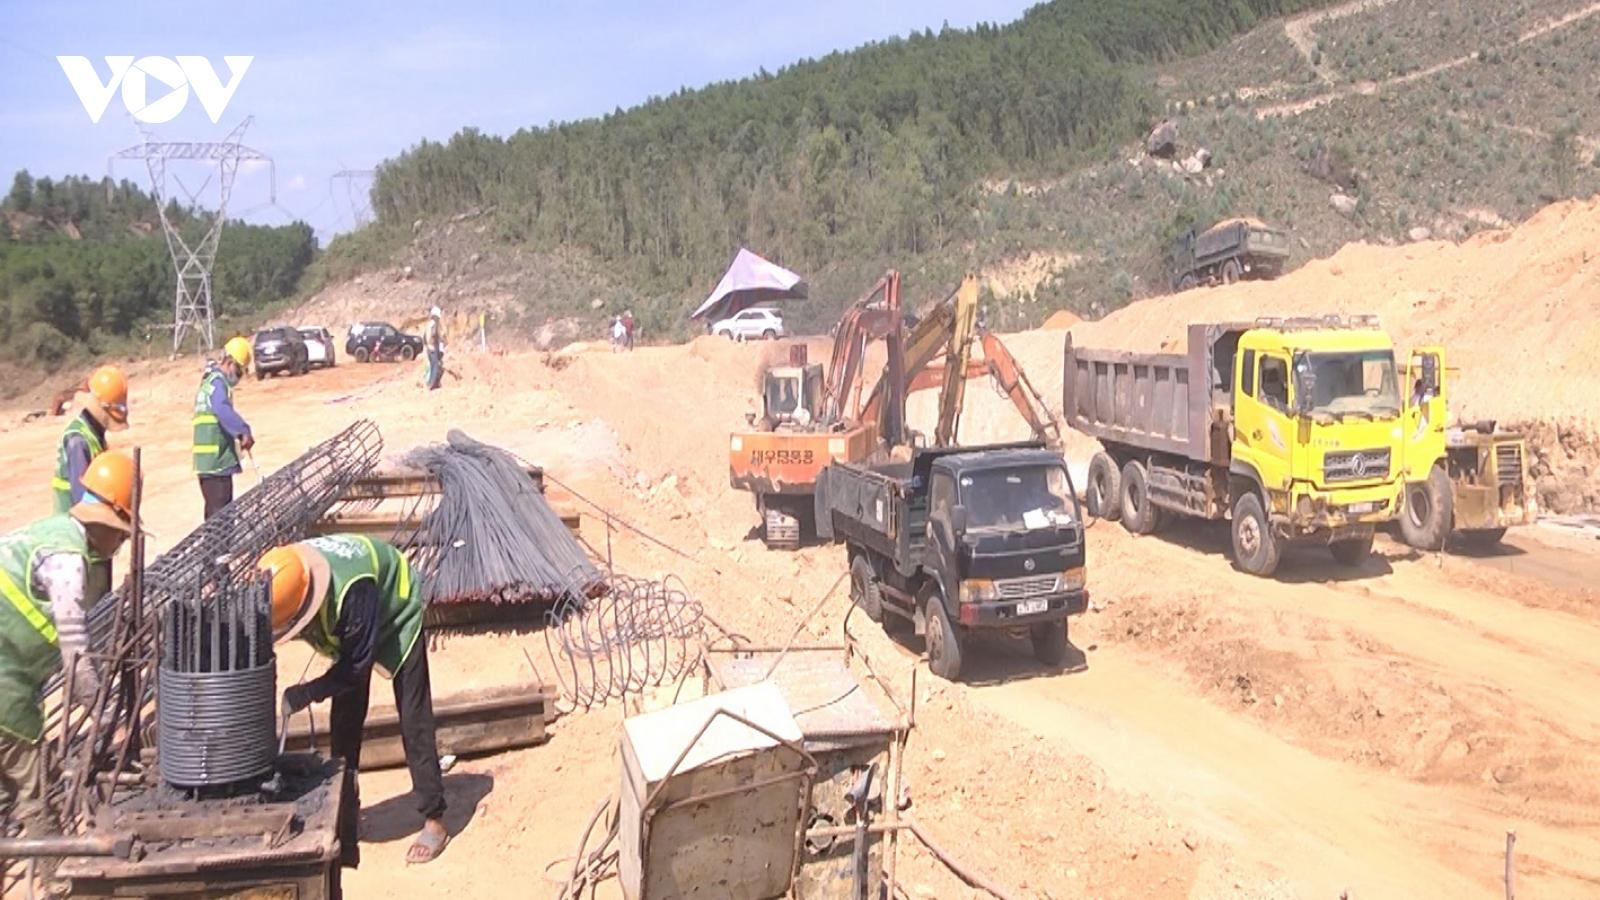 Quảng Nam nỗ lực giải quyết bài toán rác thải khu vực phía Bắc